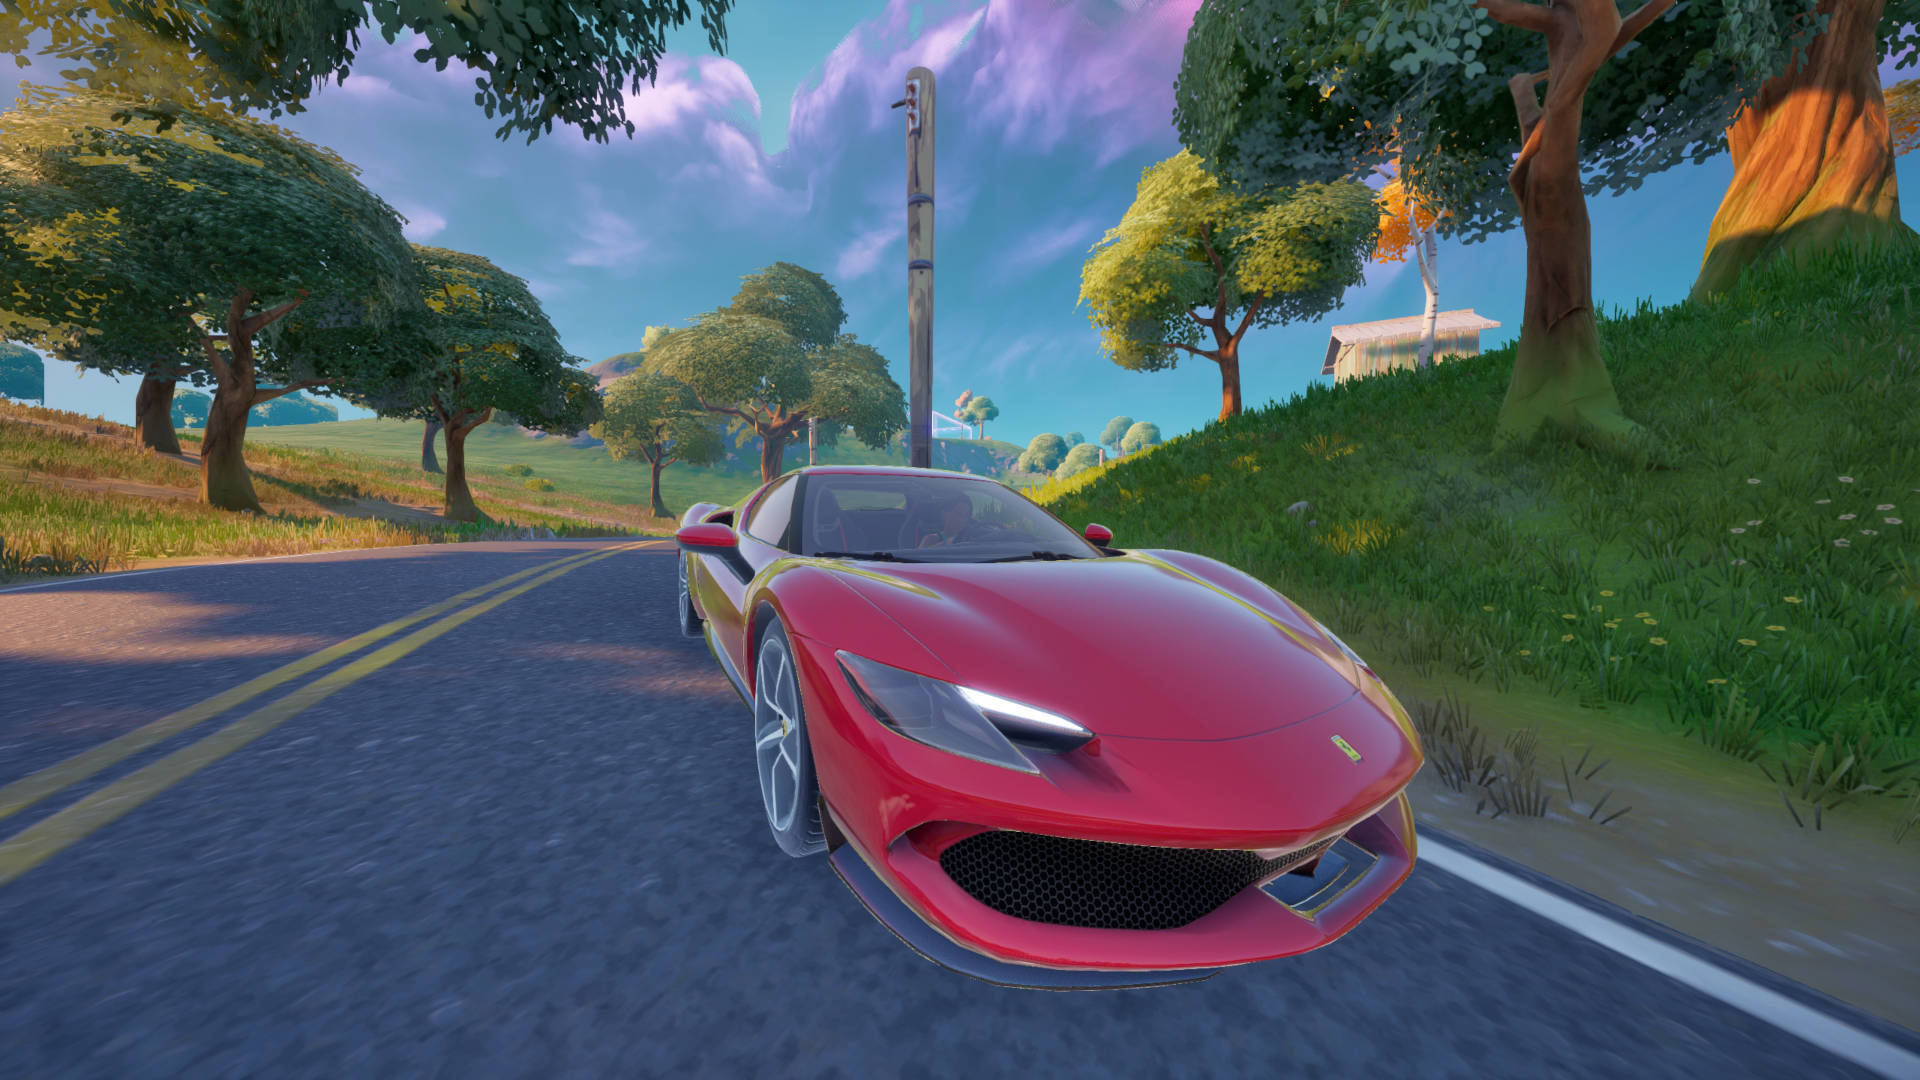 Ferrari 296 GTB locations in Fortnite – complete Ferrari 296 GTB time trials